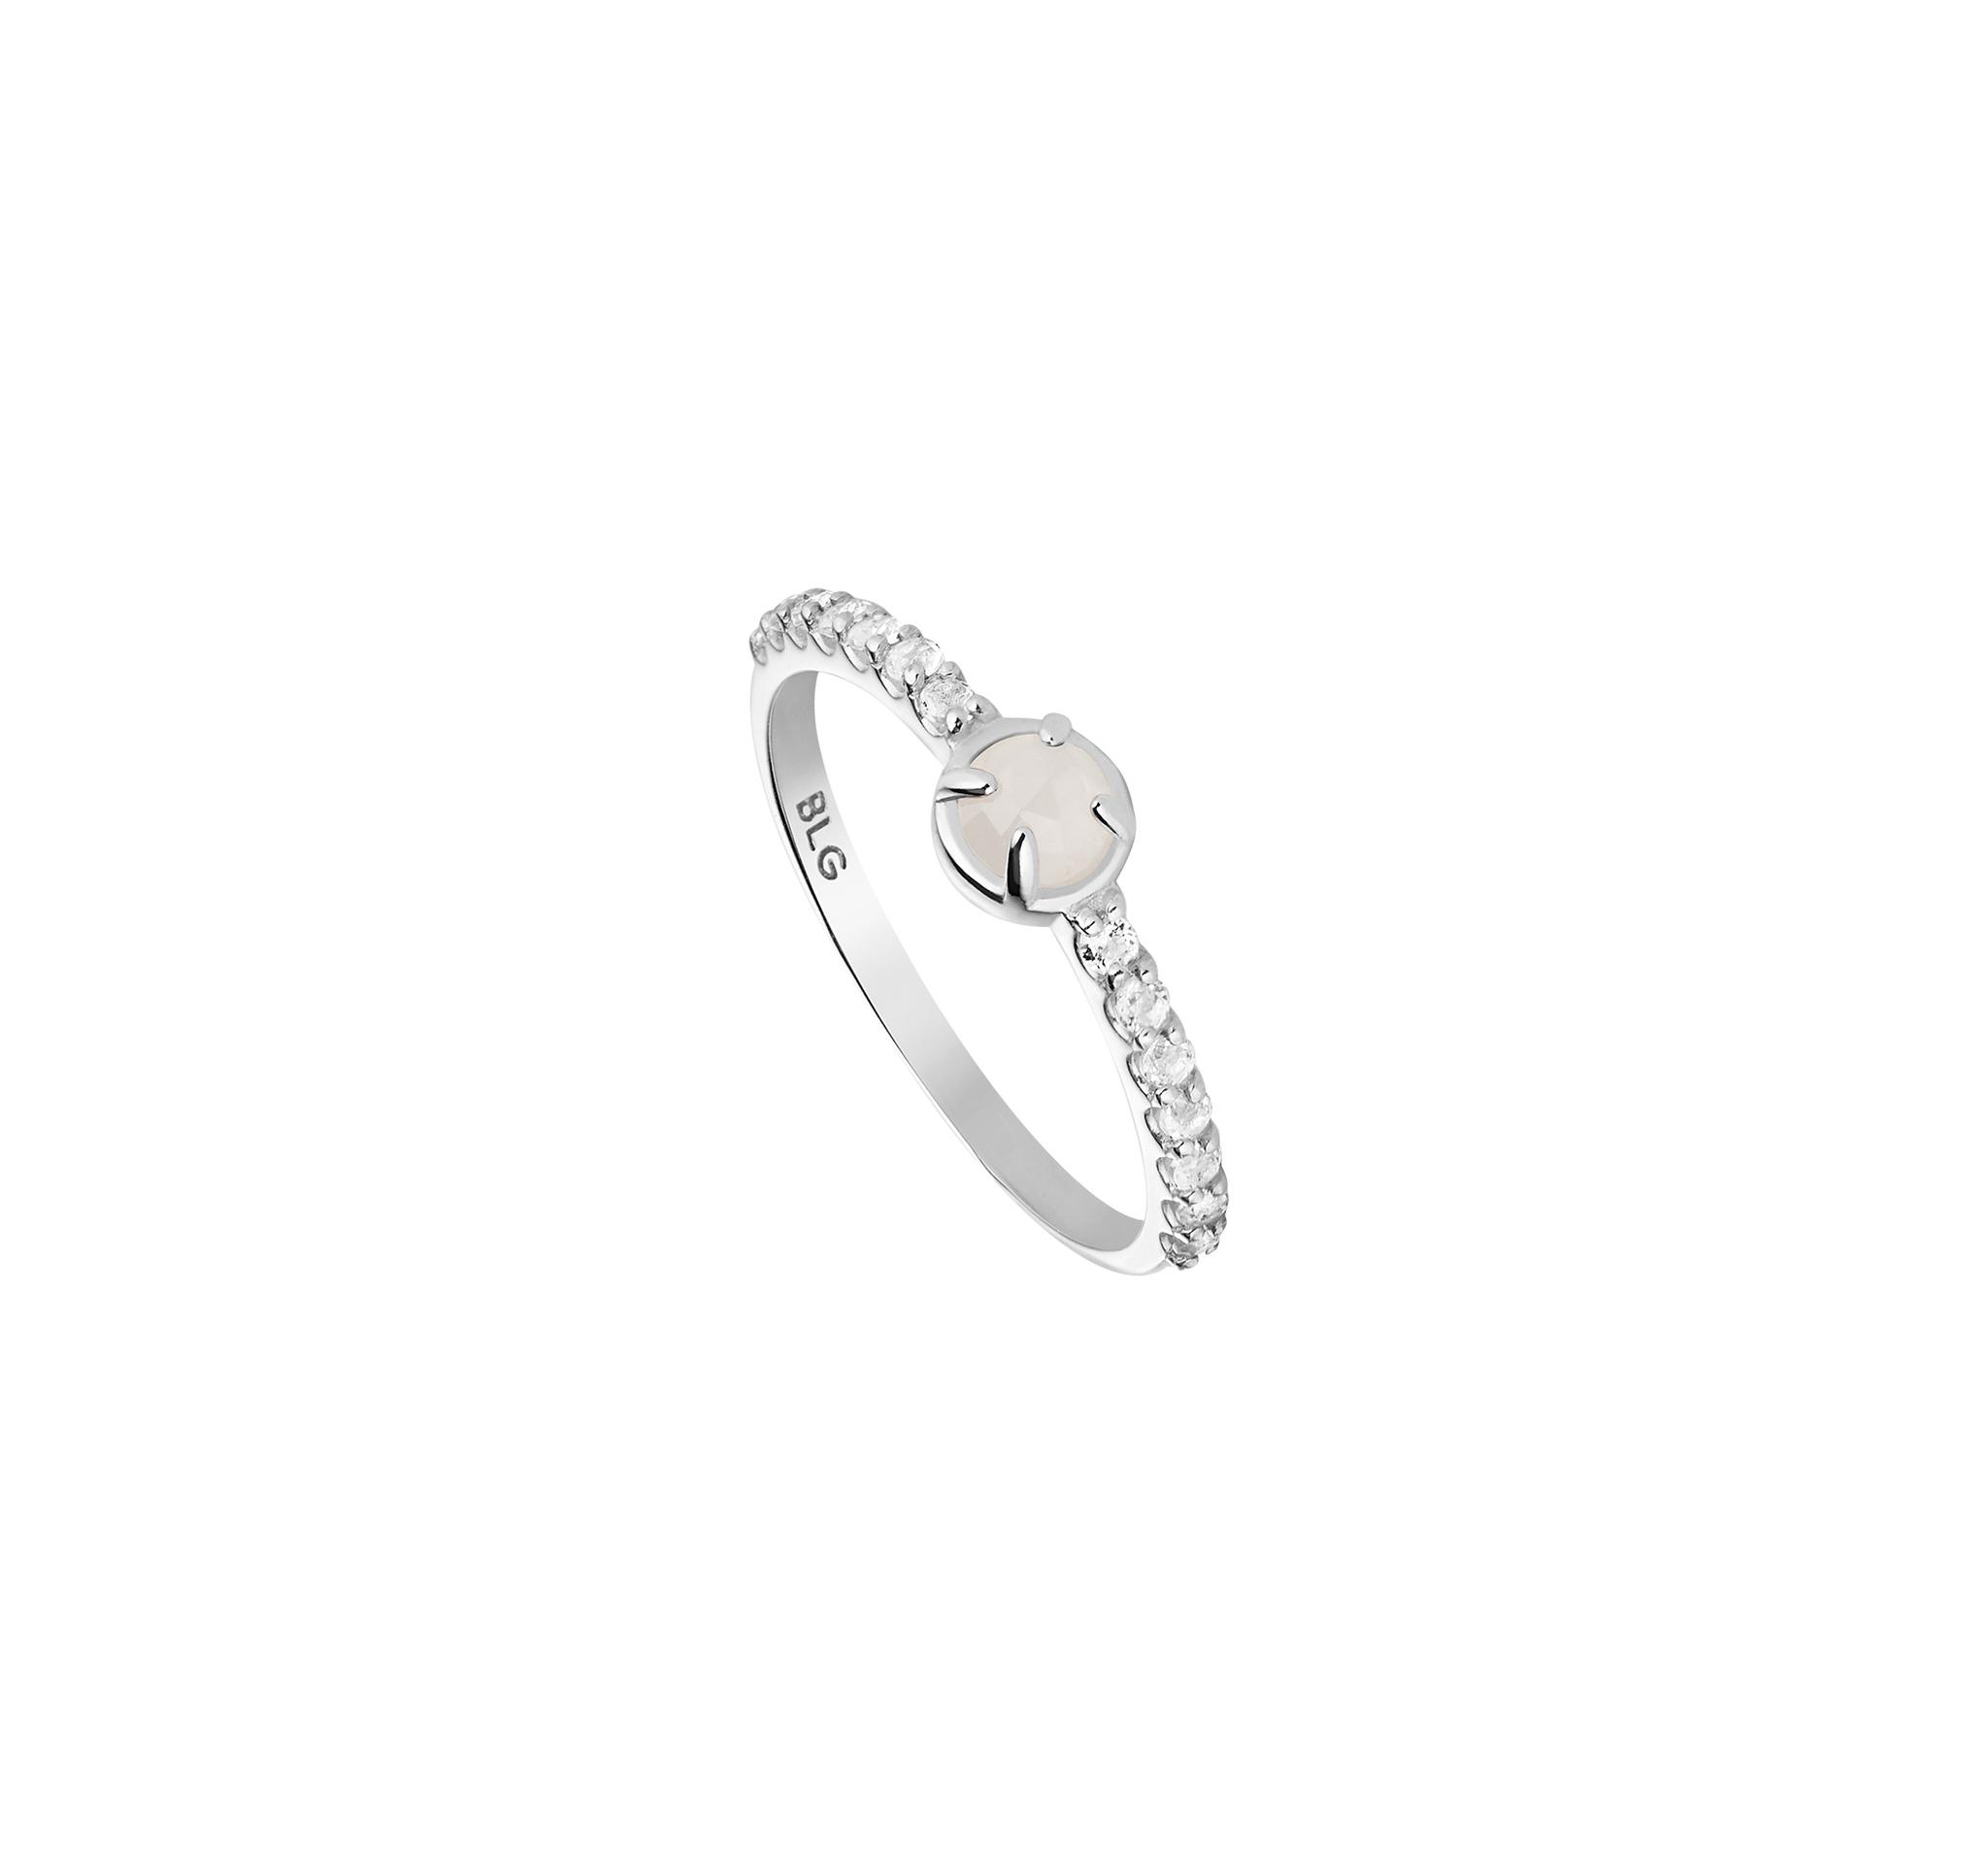 Нежное кольцо из серебра  с лунным камнем и белыми топазами